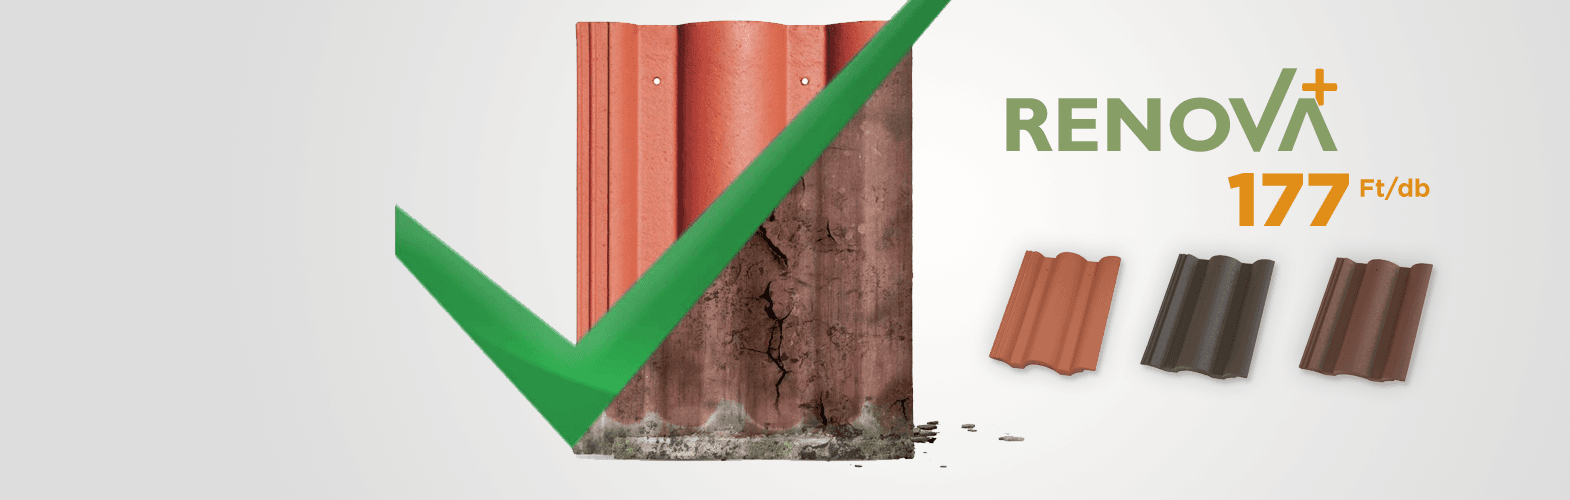 Renova<sup>+</sup> A felújítás tetőcserepe